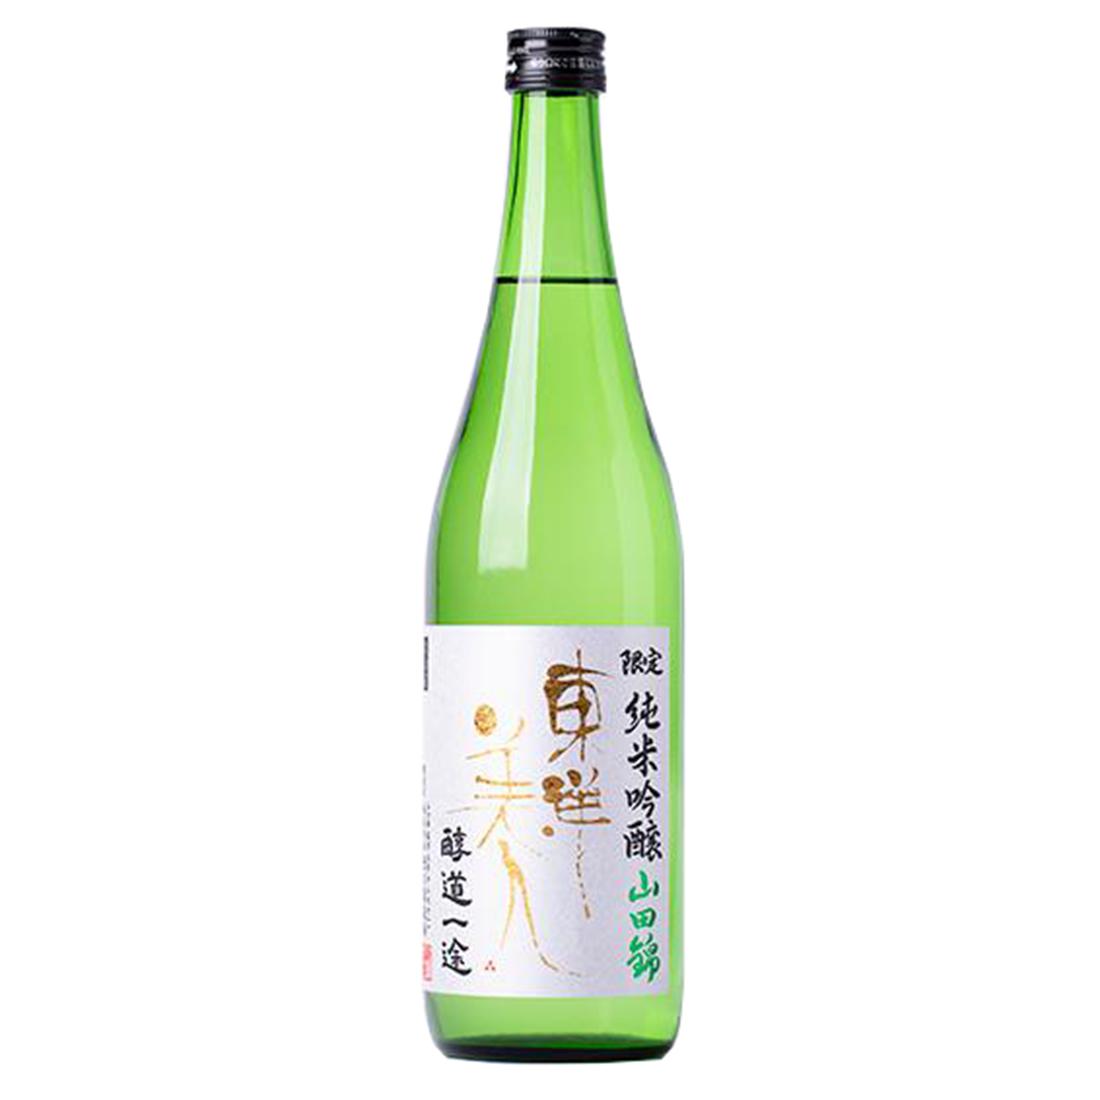 東洋美人 醇道一途 限定純米吟醸 山田錦